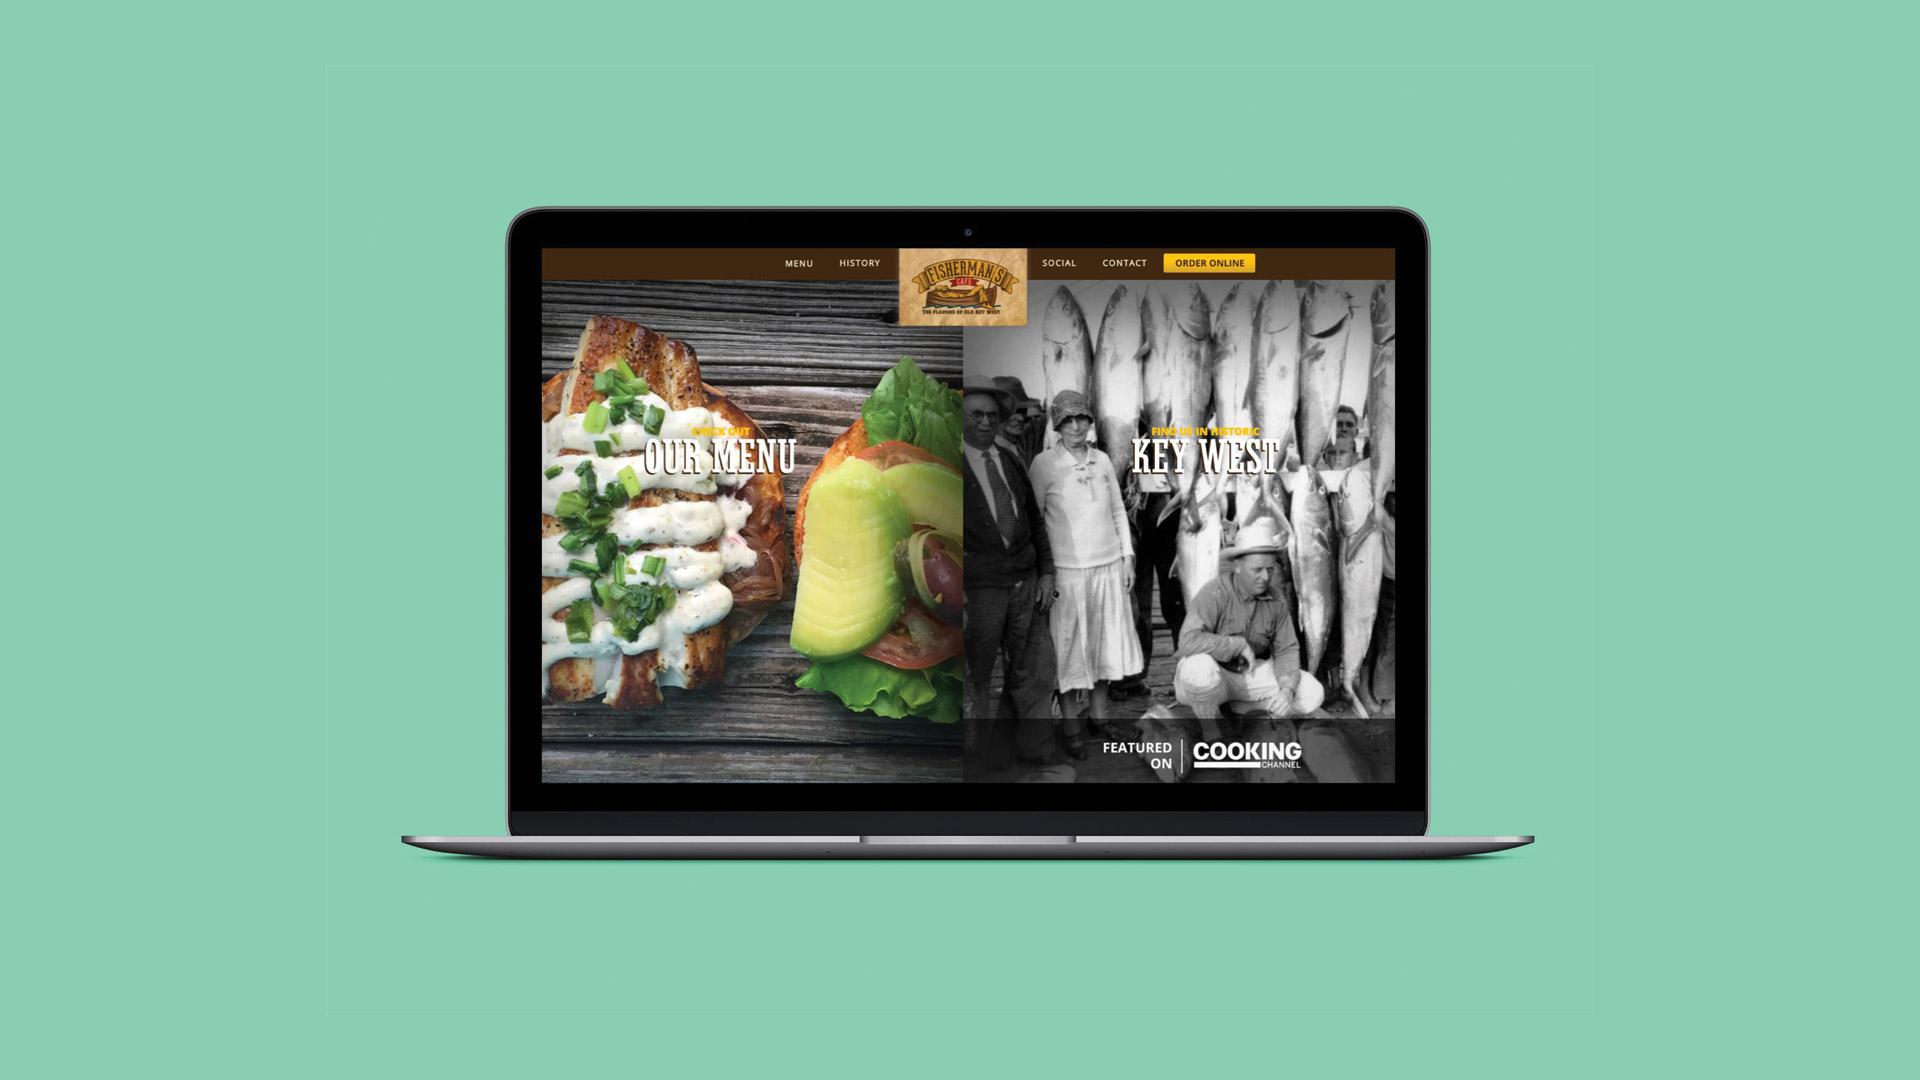 Laptop displaying Fisherman's Cafe website